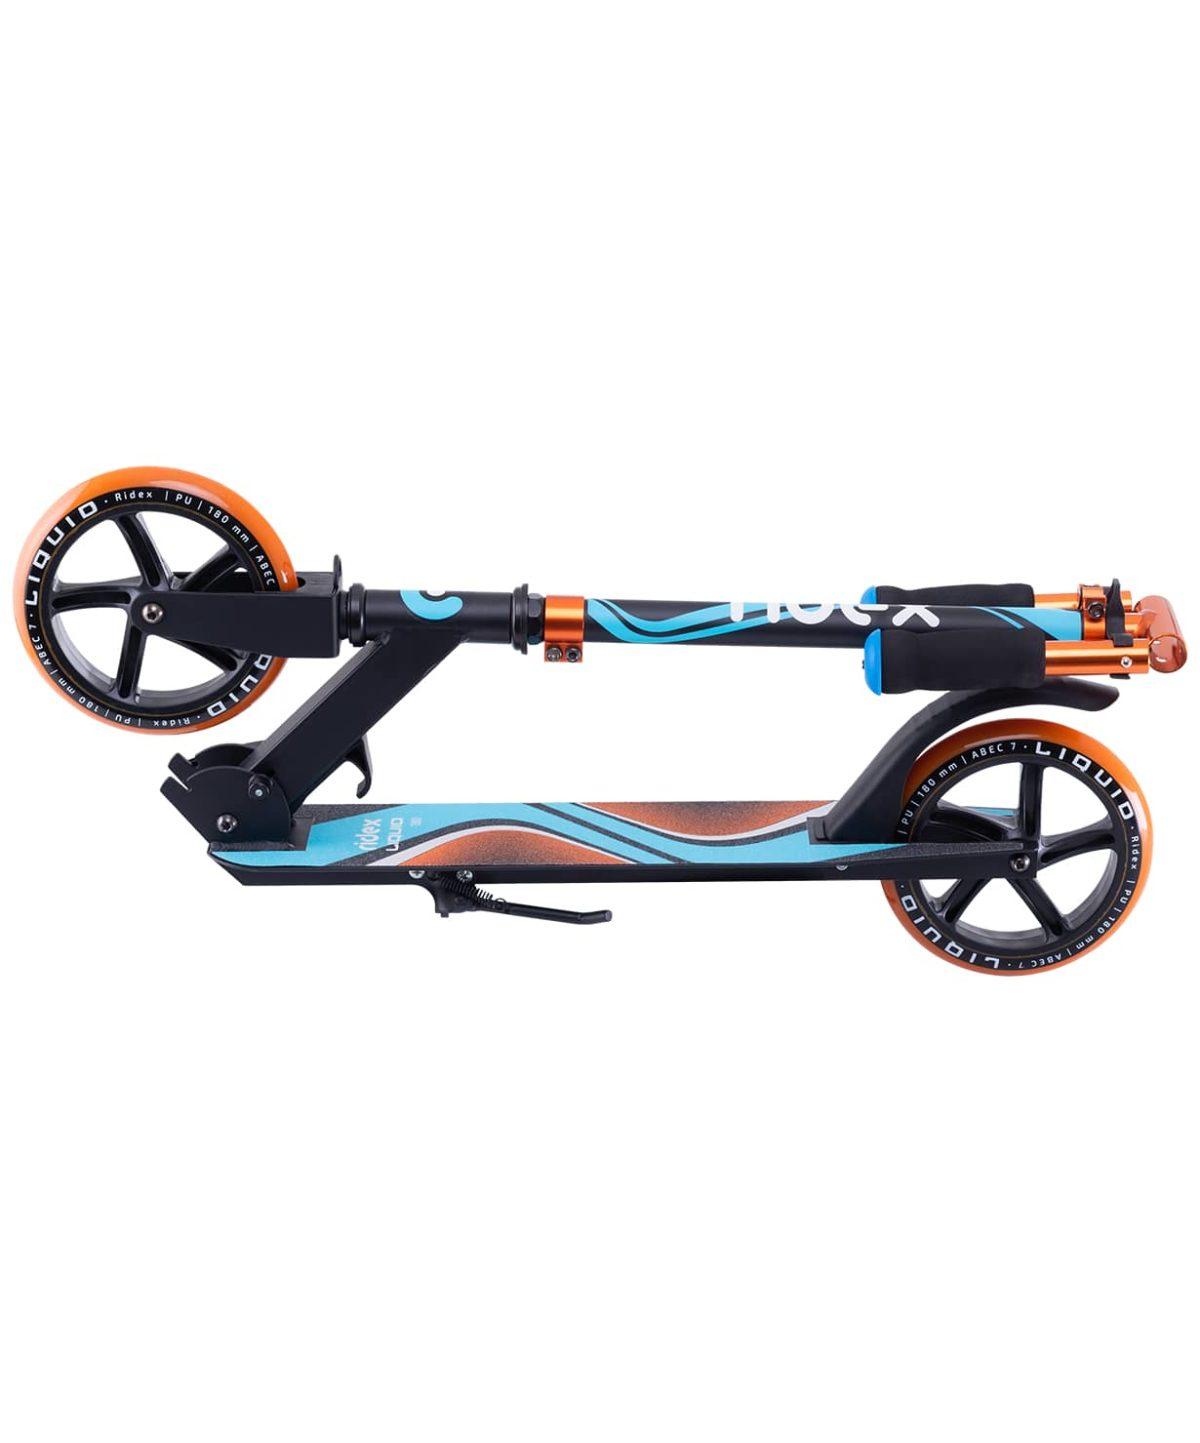 RIDEX Liguid Самокат 2-х колес. 180 мм  Liguid - 6